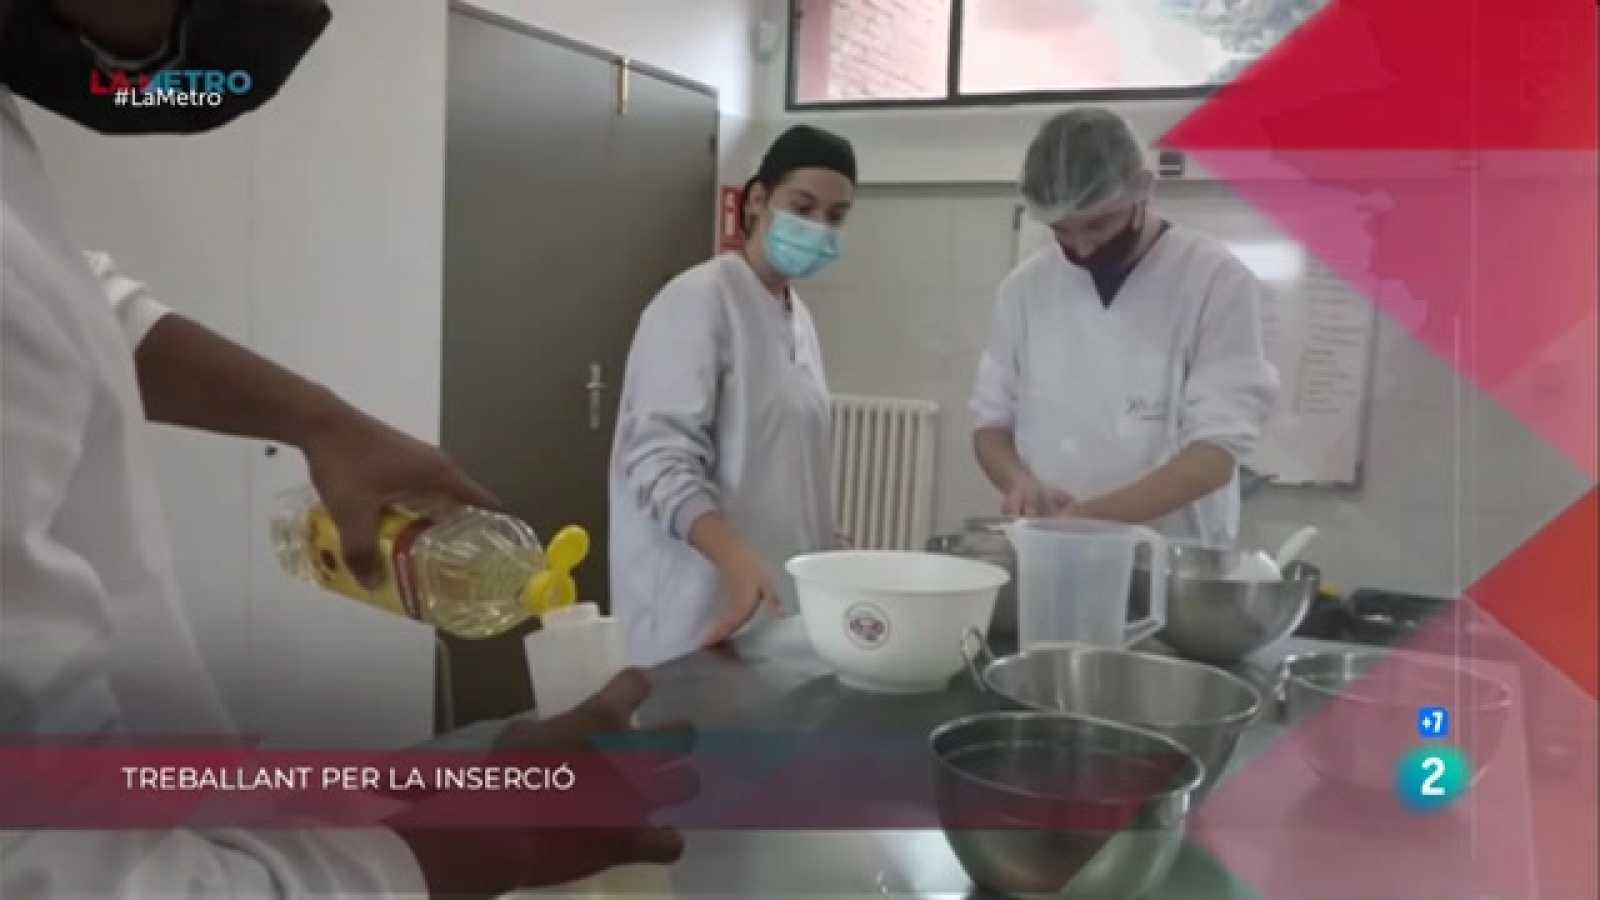 Històries de presó, Treballant per la inserció i Joves repartidors a La Metro